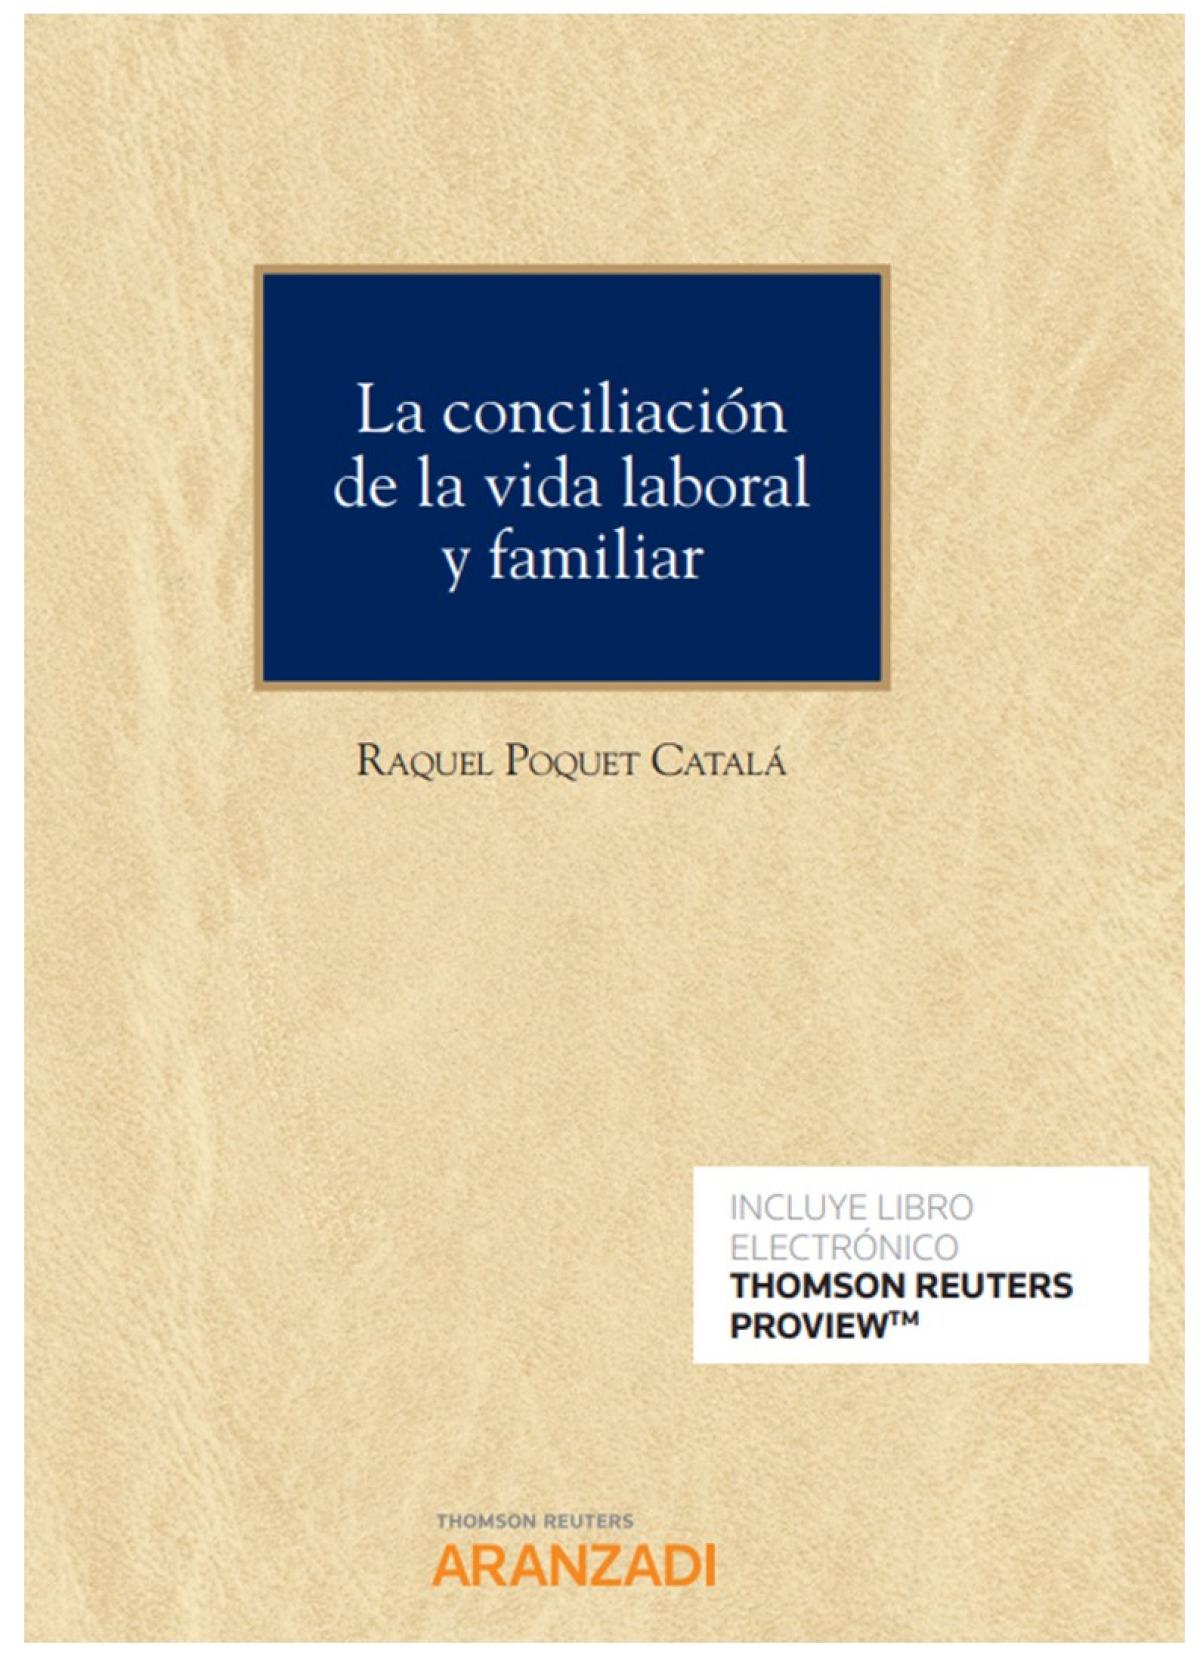 CONCILIACION DE LA VIDA LABORAL Y FAMILIAR,LA DUO 9788413468167